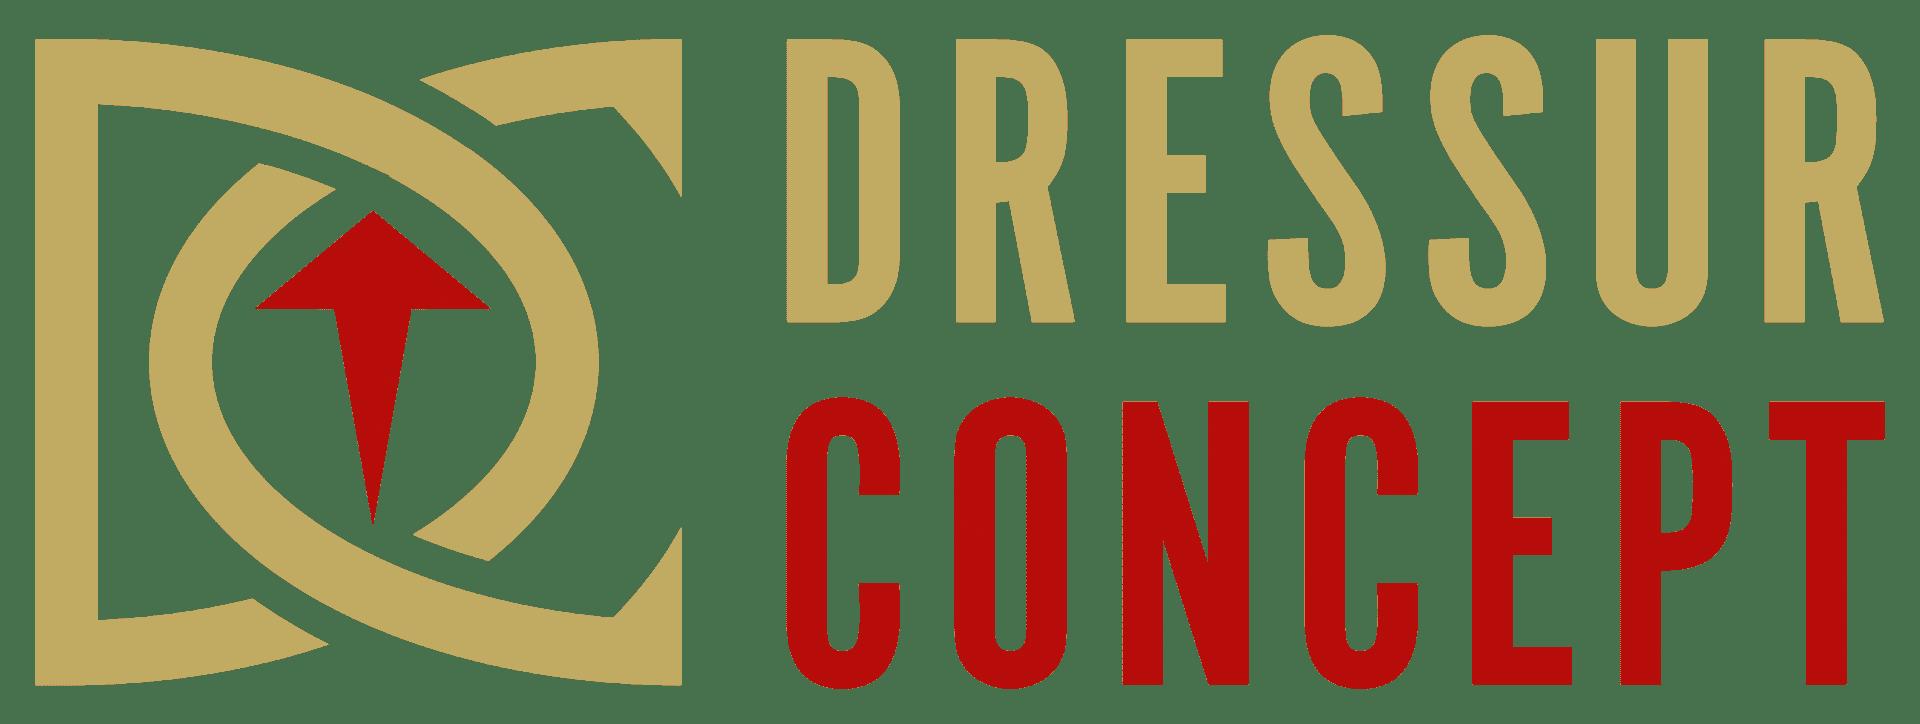 DressurConcept